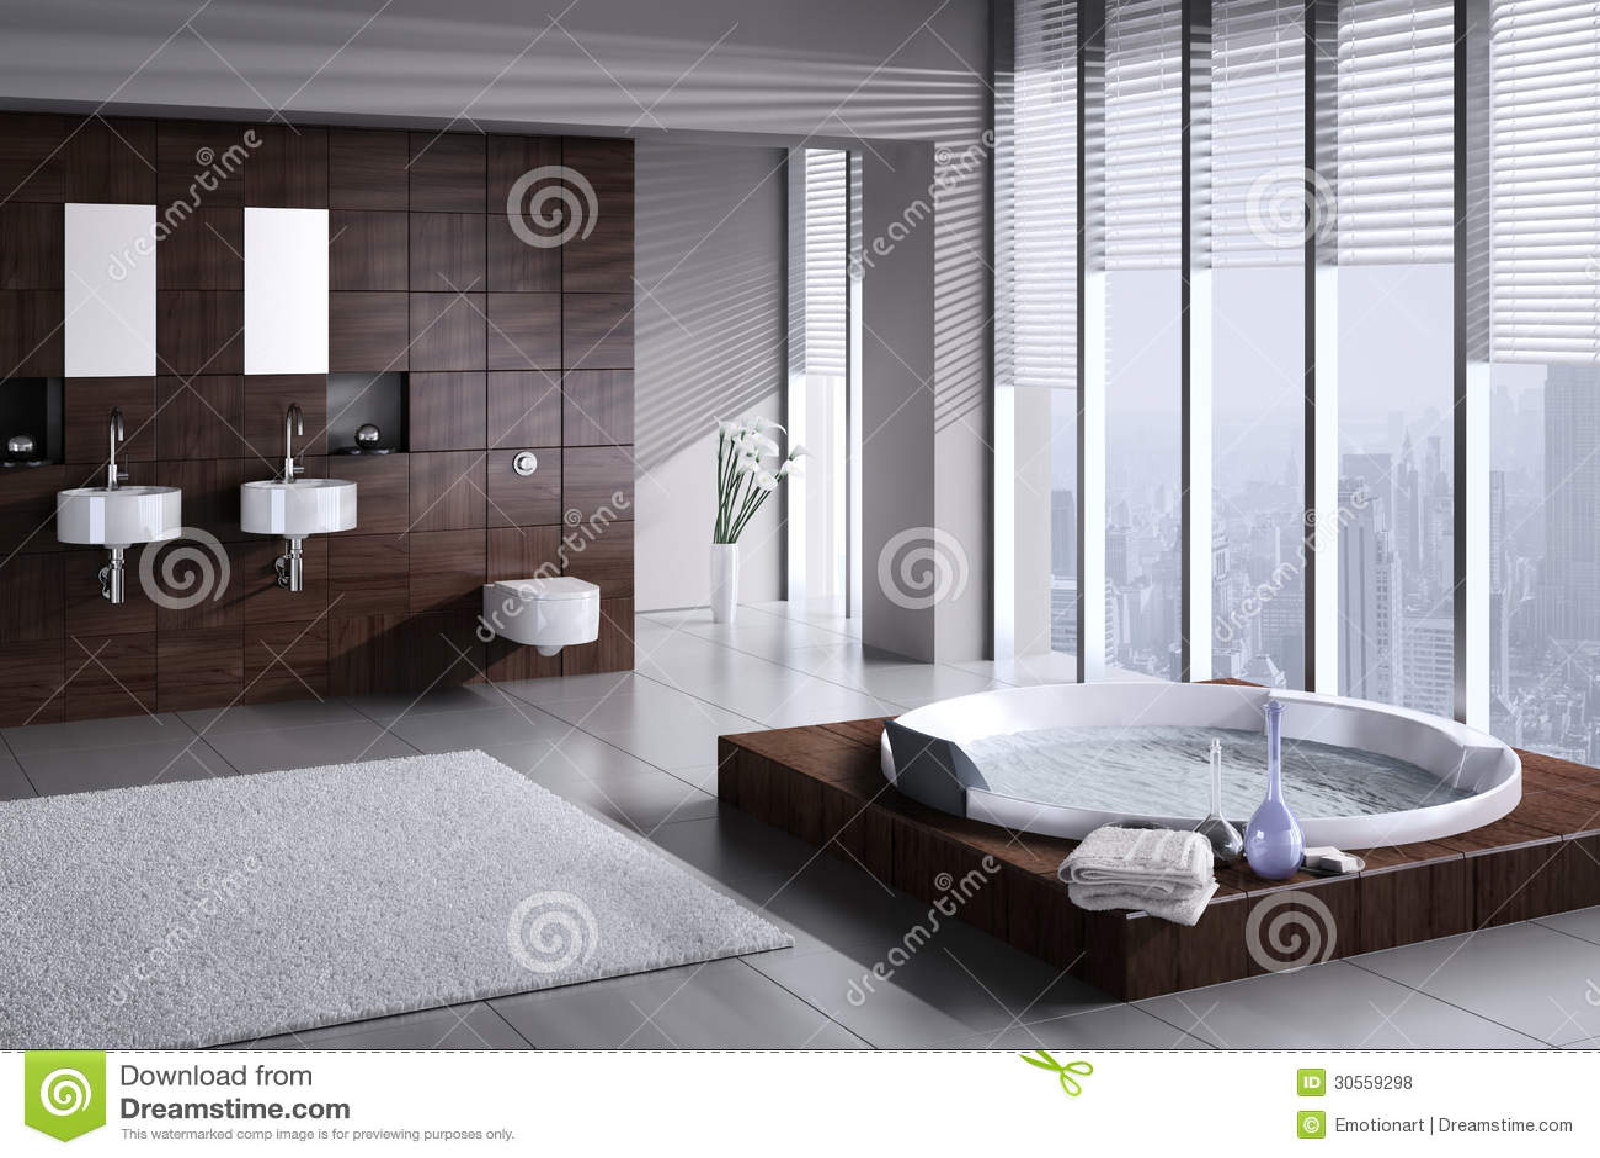 Moderne badkamers met dubbele bassin en jacuzzi stock illustratie afbeelding 30559298 - Badkamers ...